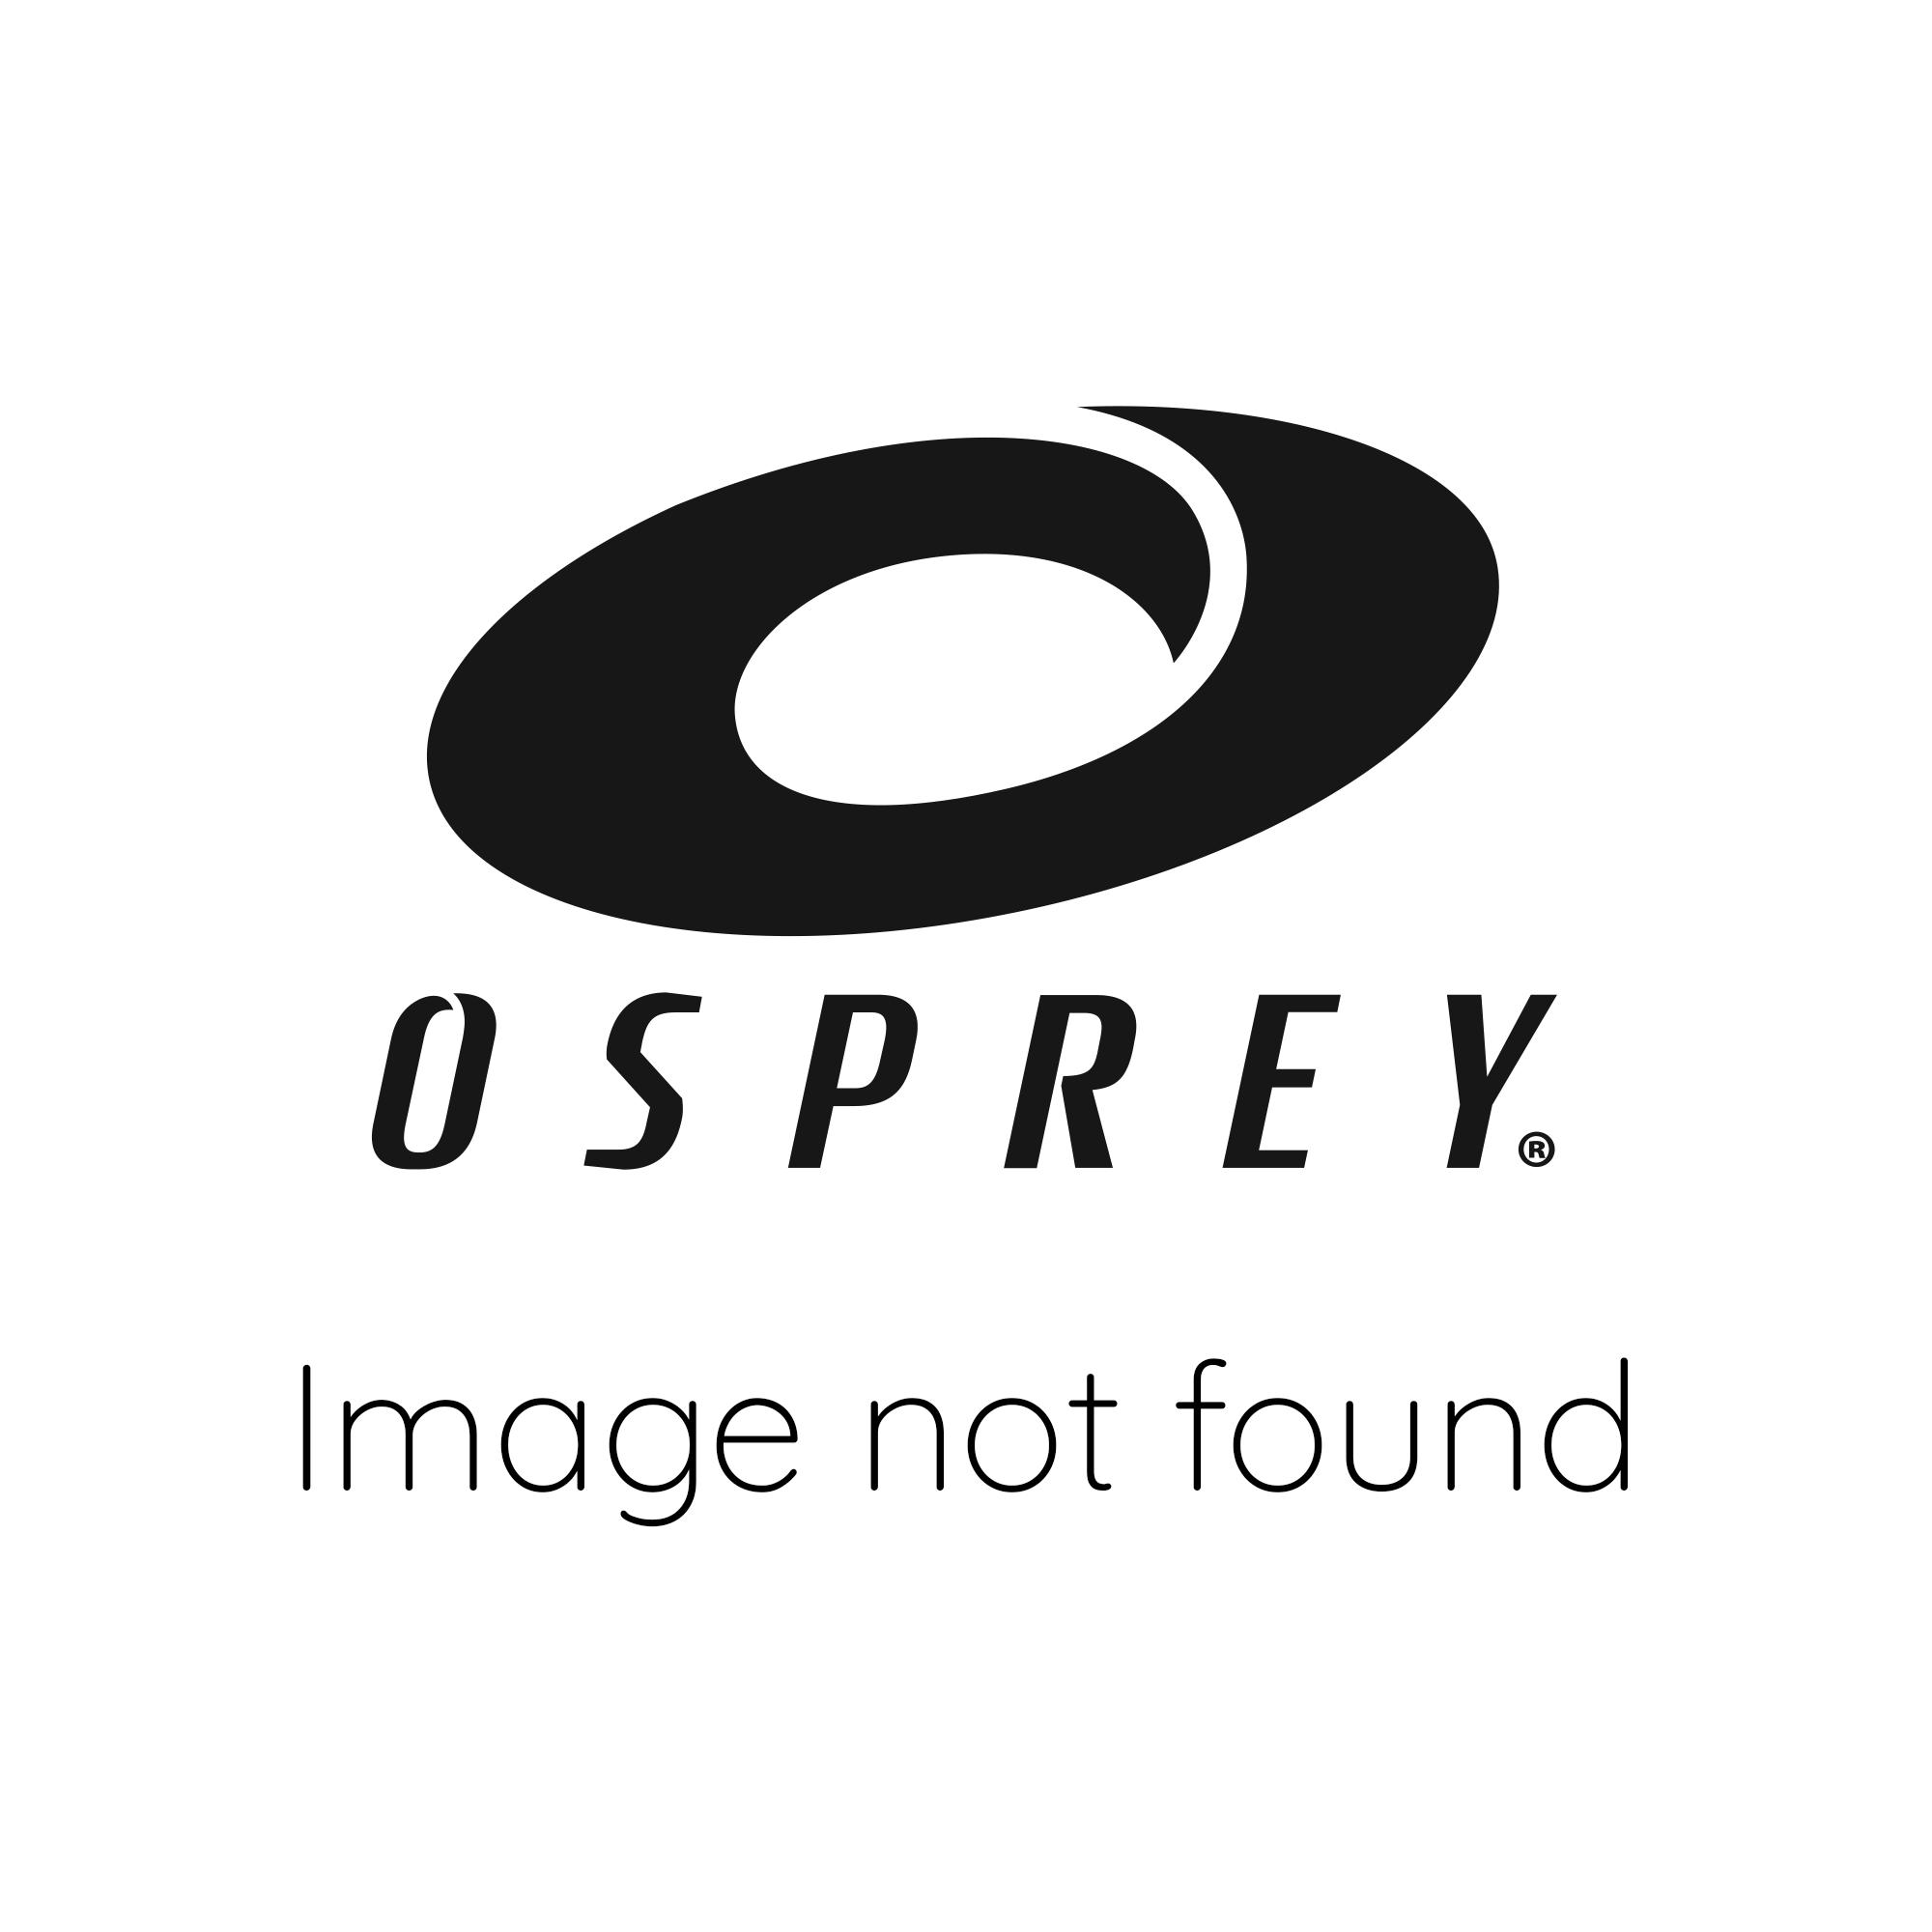 8ft 2inch Beginner Foam Surfboard - Learn To Surf